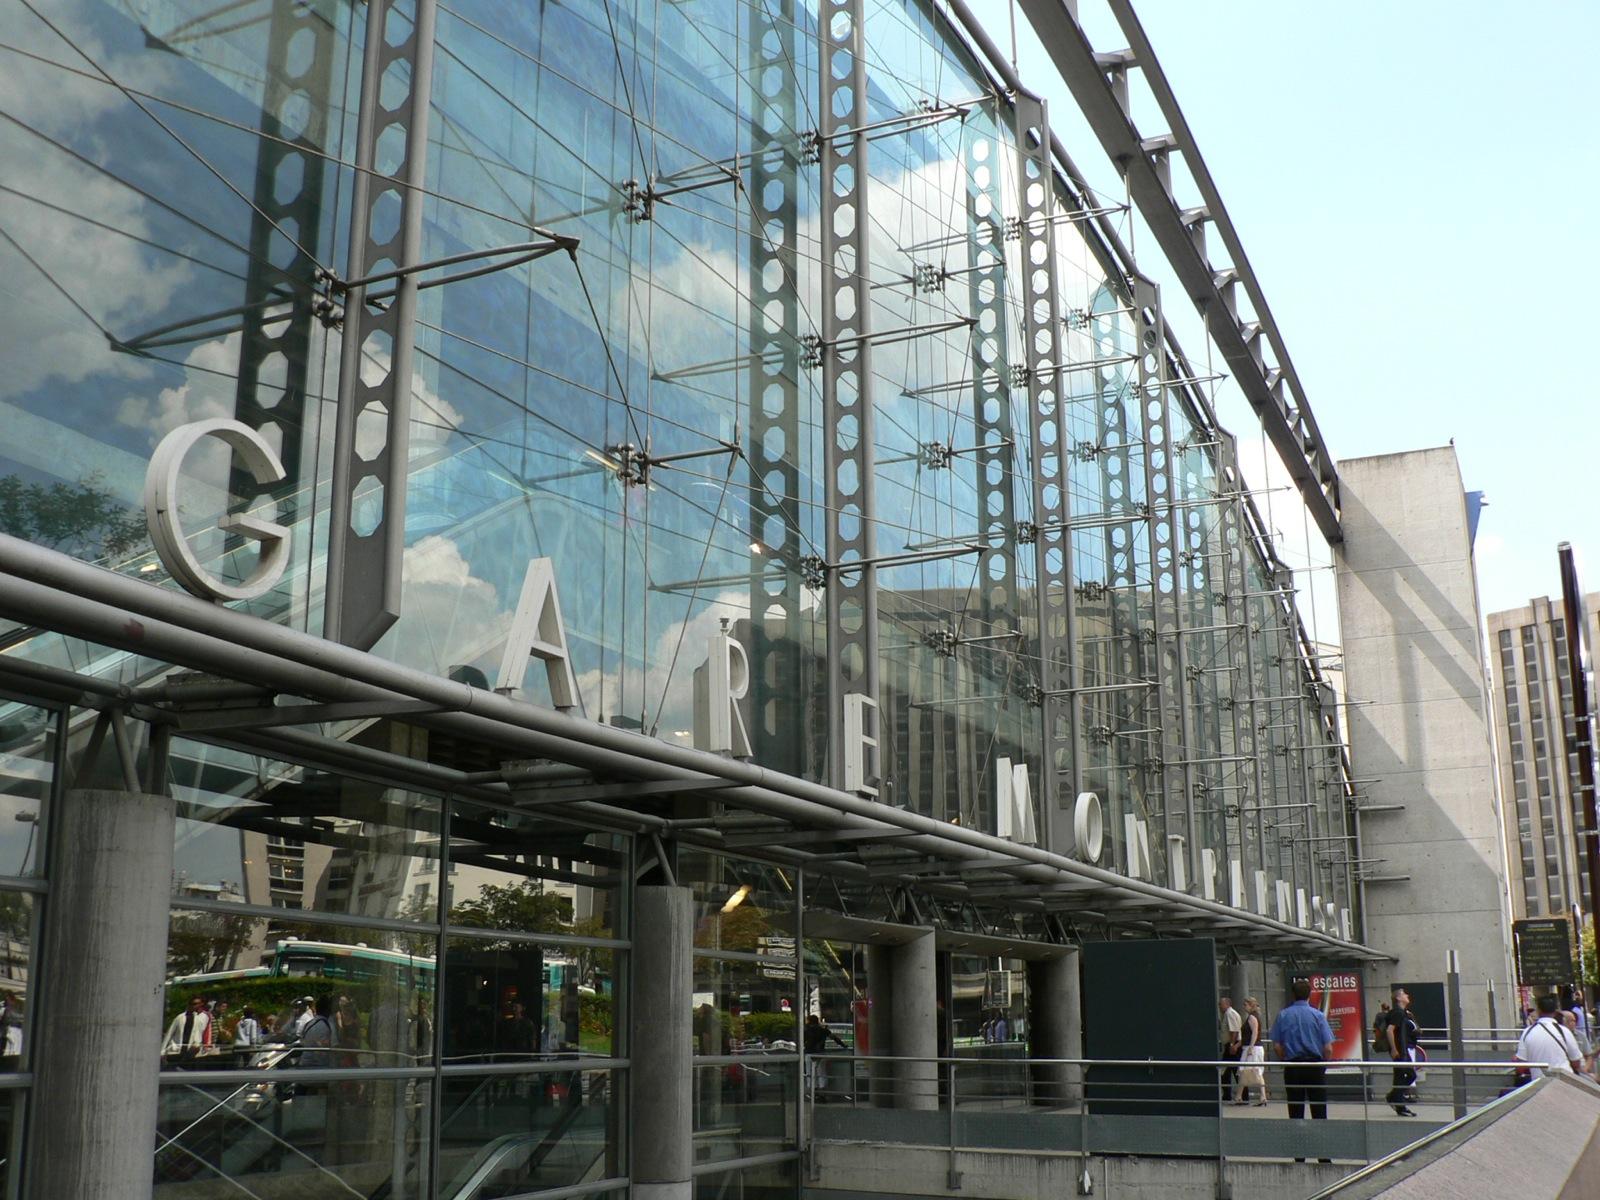 Se Garer Malin Dans Un Parking Montparnasse Ou Gare De Lyon